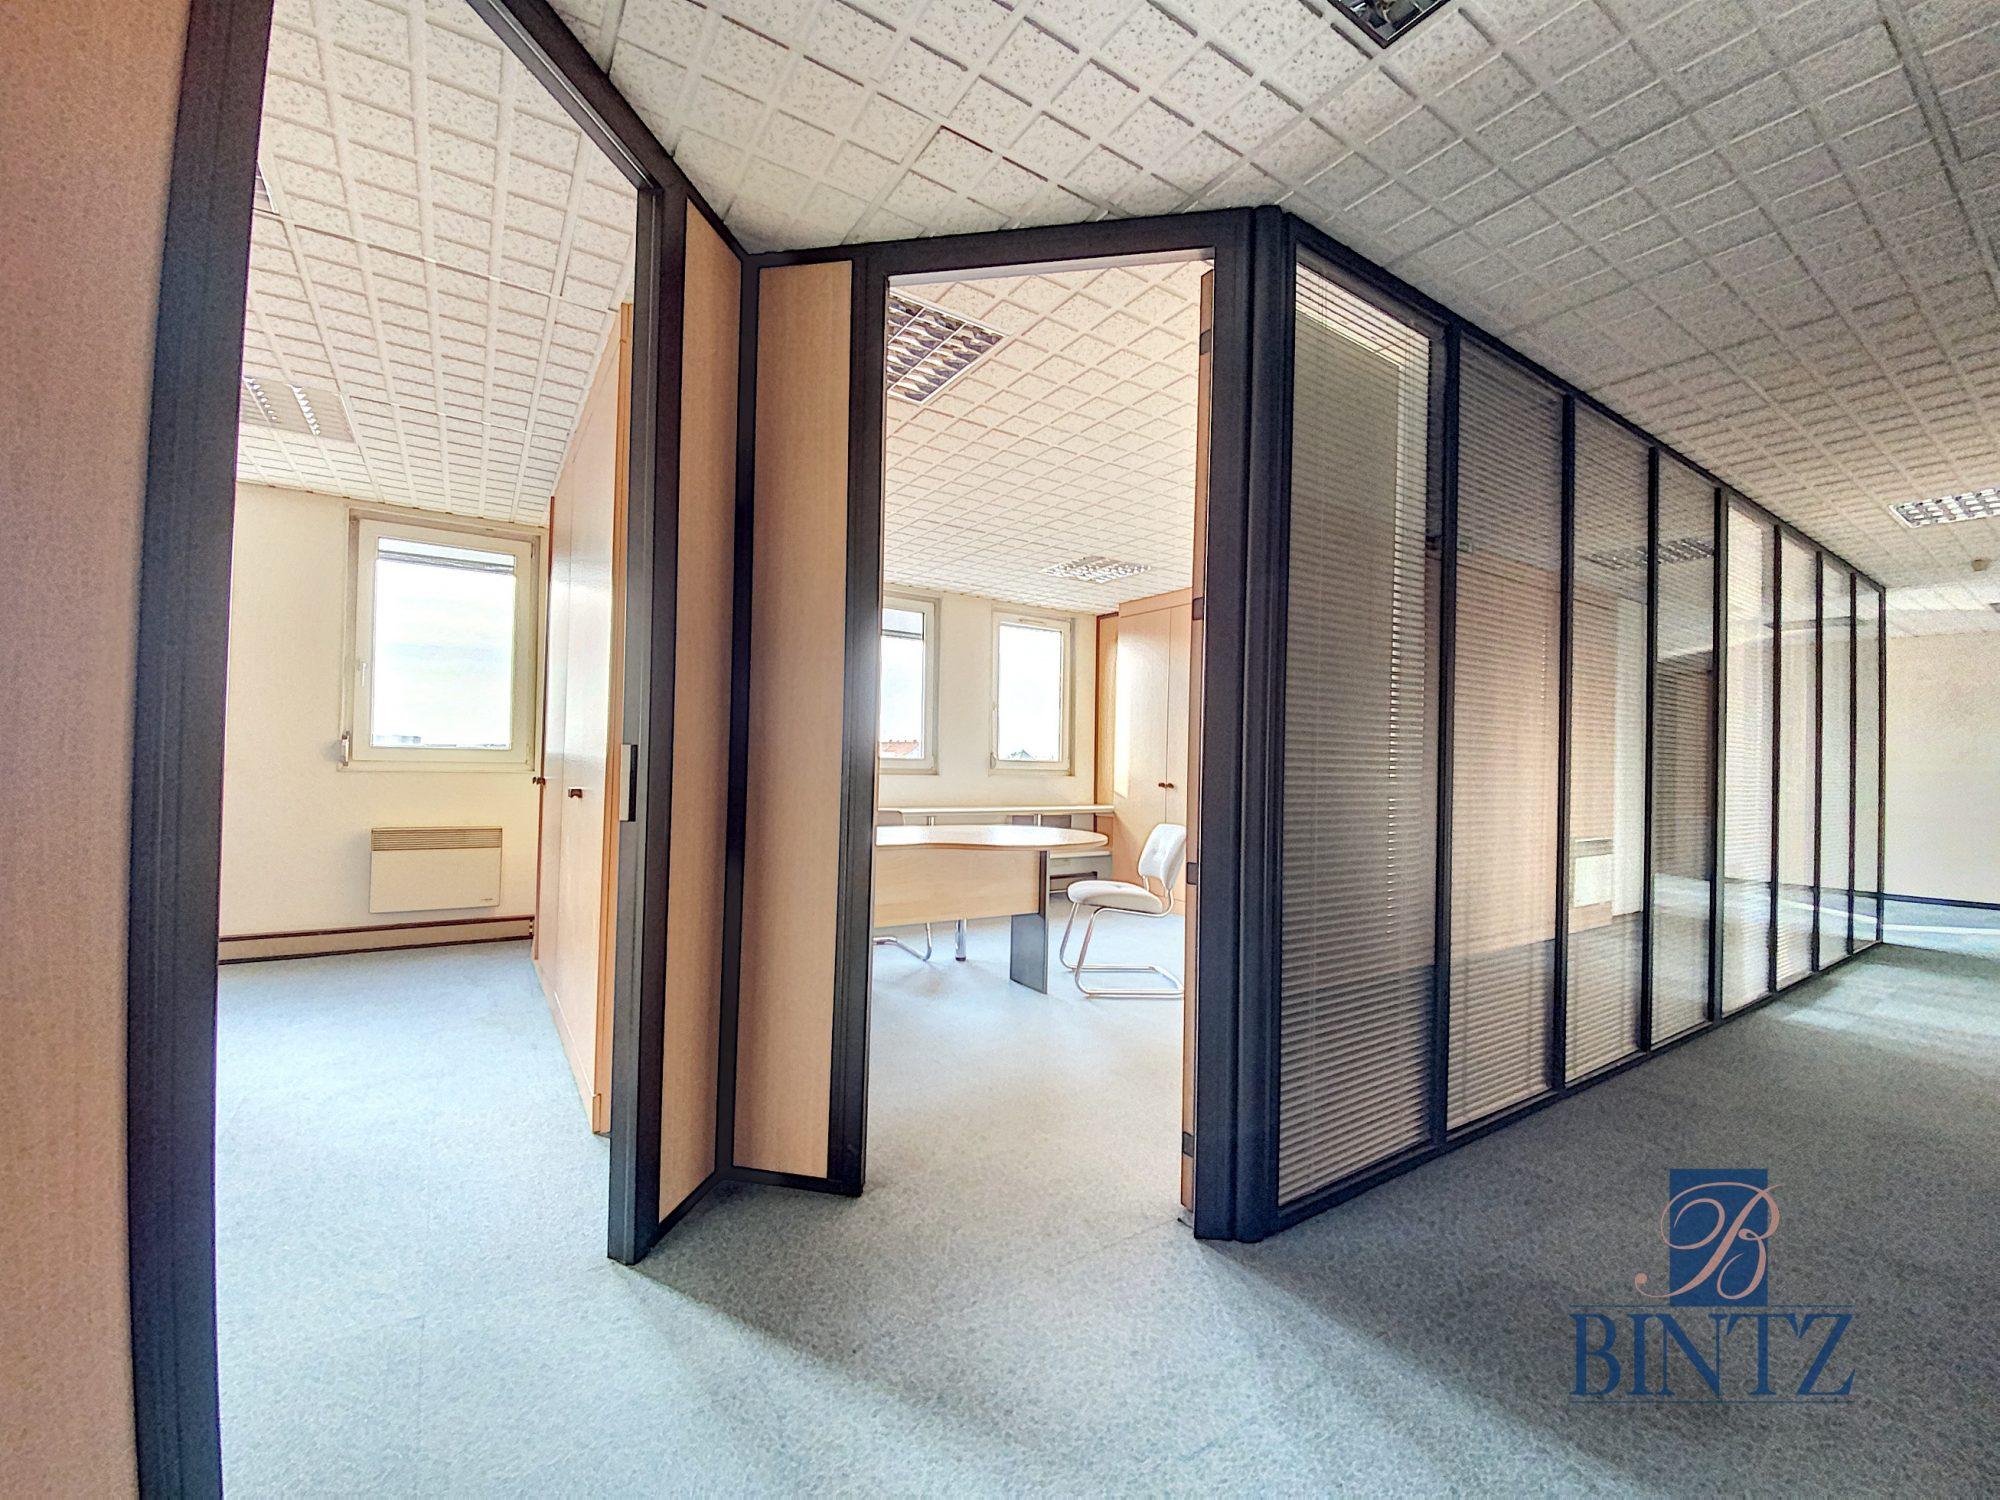 Bureaux à louer – 250m2 Quartier Fisher à Schiltigheim - Devenez locataire en toute sérénité - Bintz Immobilier - 10